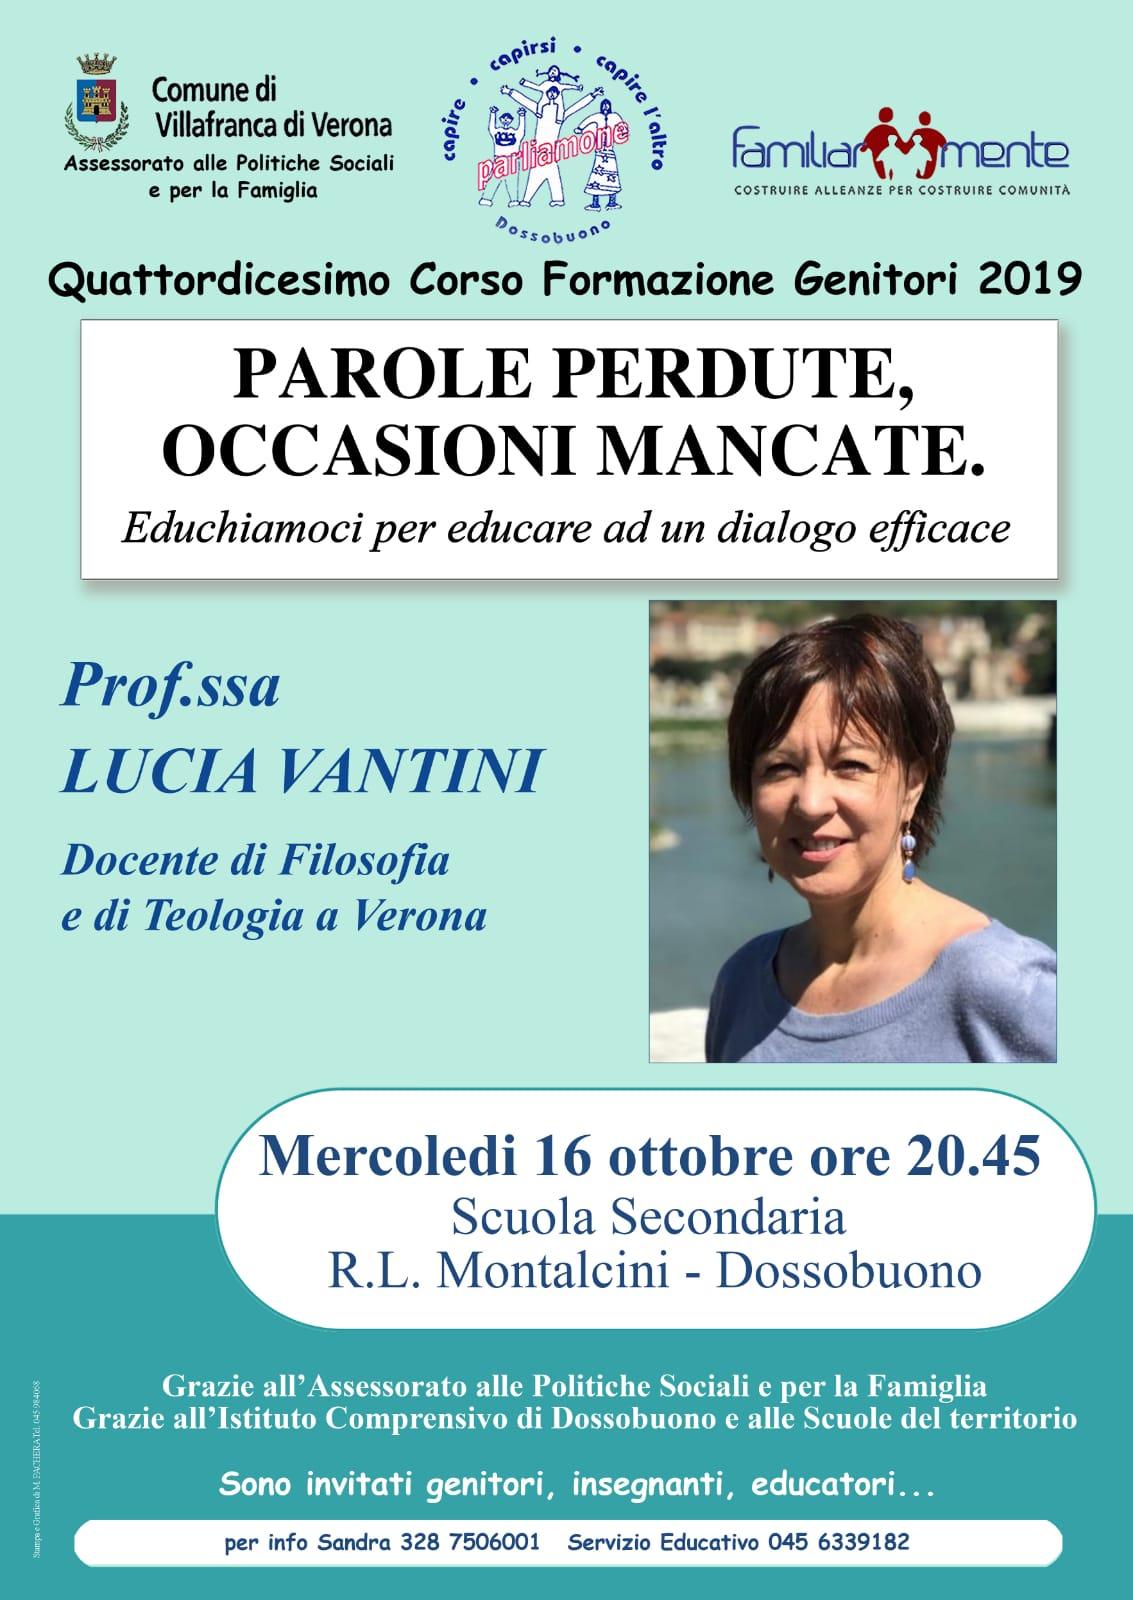 """16.10.2019, VERONA: """"Parole perdute, occasioni mancate"""" - Incontro con Lucia Vantini @ Scuola Secondaria R.L. Montalcini - Dossobuono"""